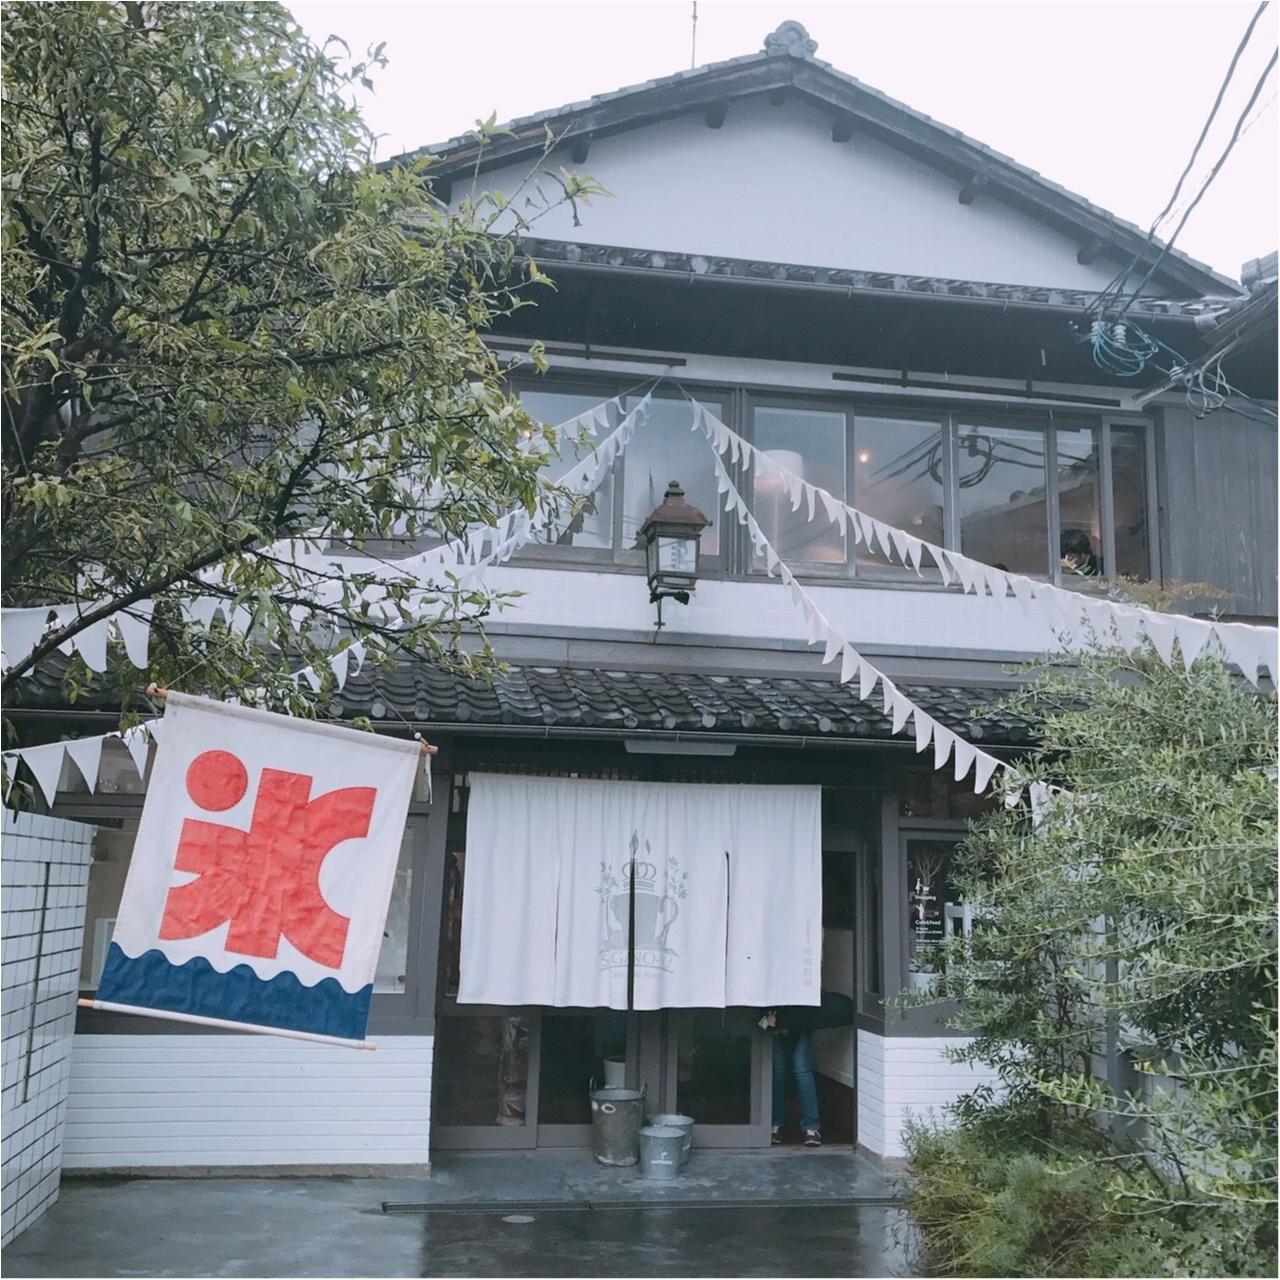 【京都女子旅】銭湯をリノベした素敵カフェ『嵯峨野湯』でランチ!_2